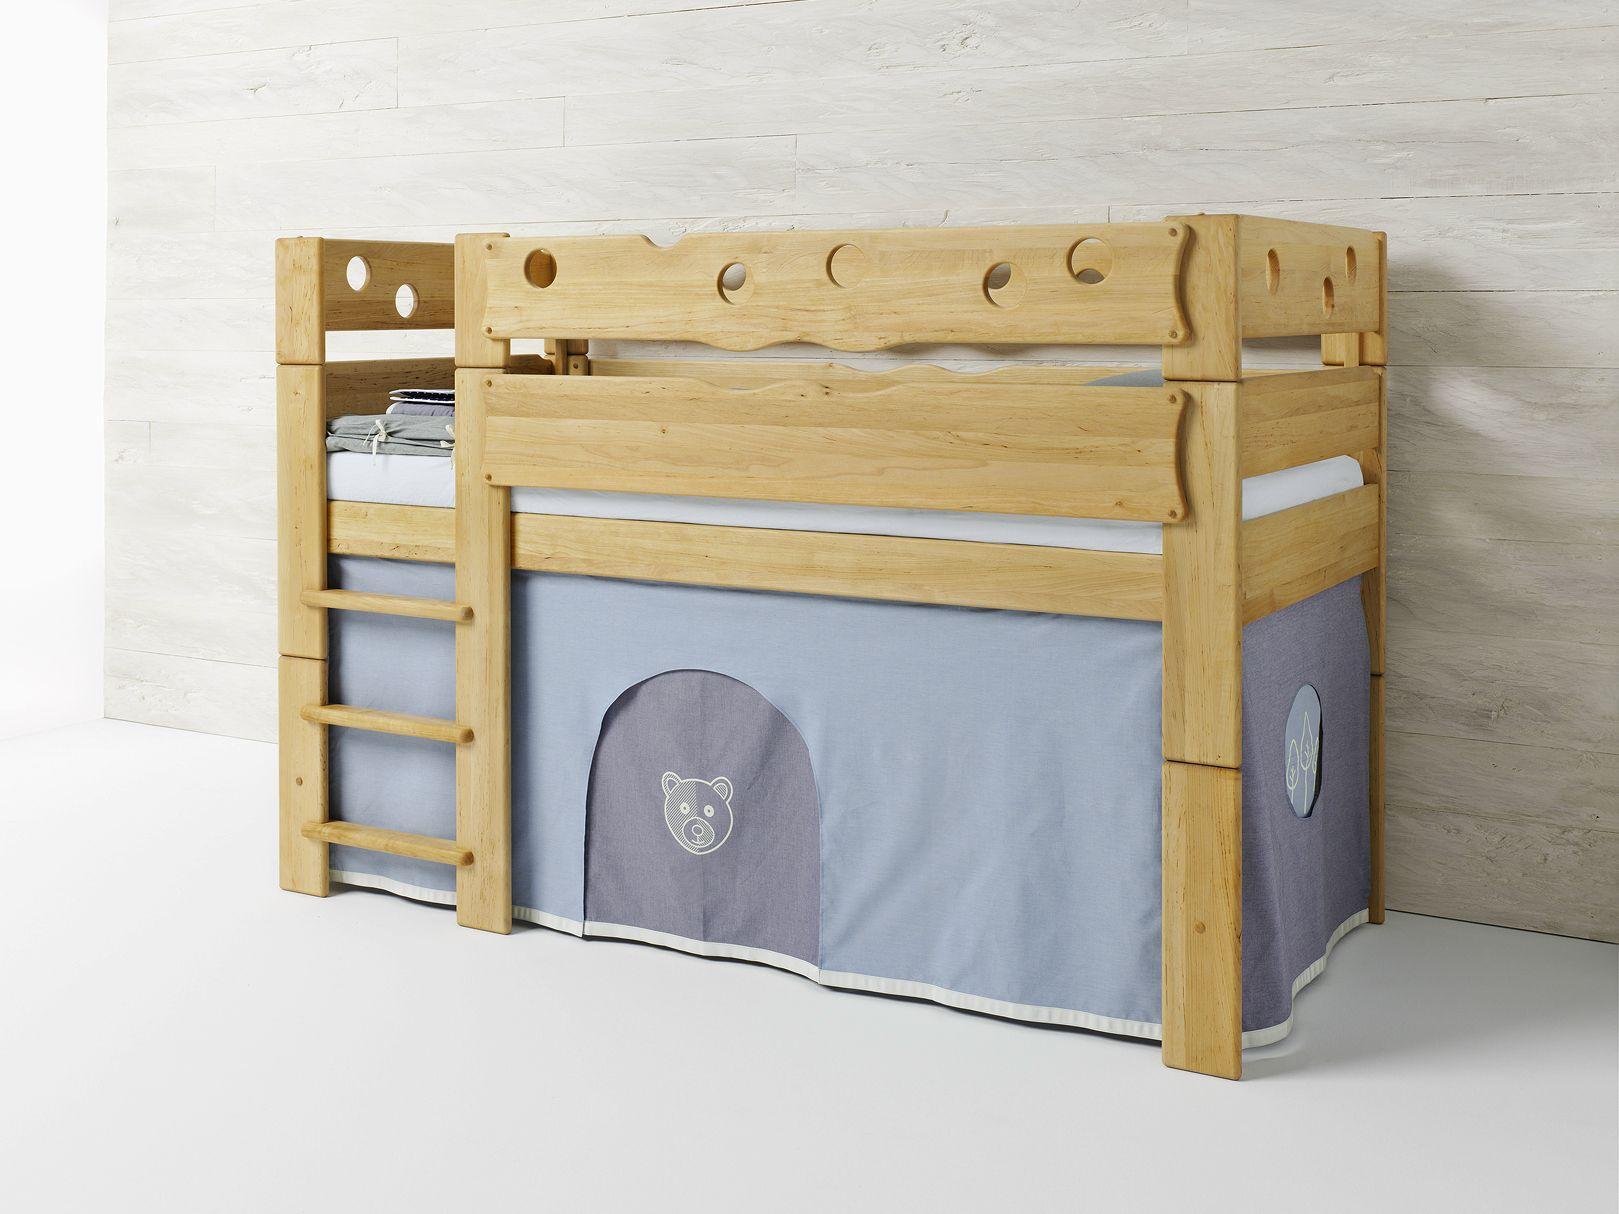 hochbett aus erle f r kinderzimmer b r by team 7 nat rlich. Black Bedroom Furniture Sets. Home Design Ideas